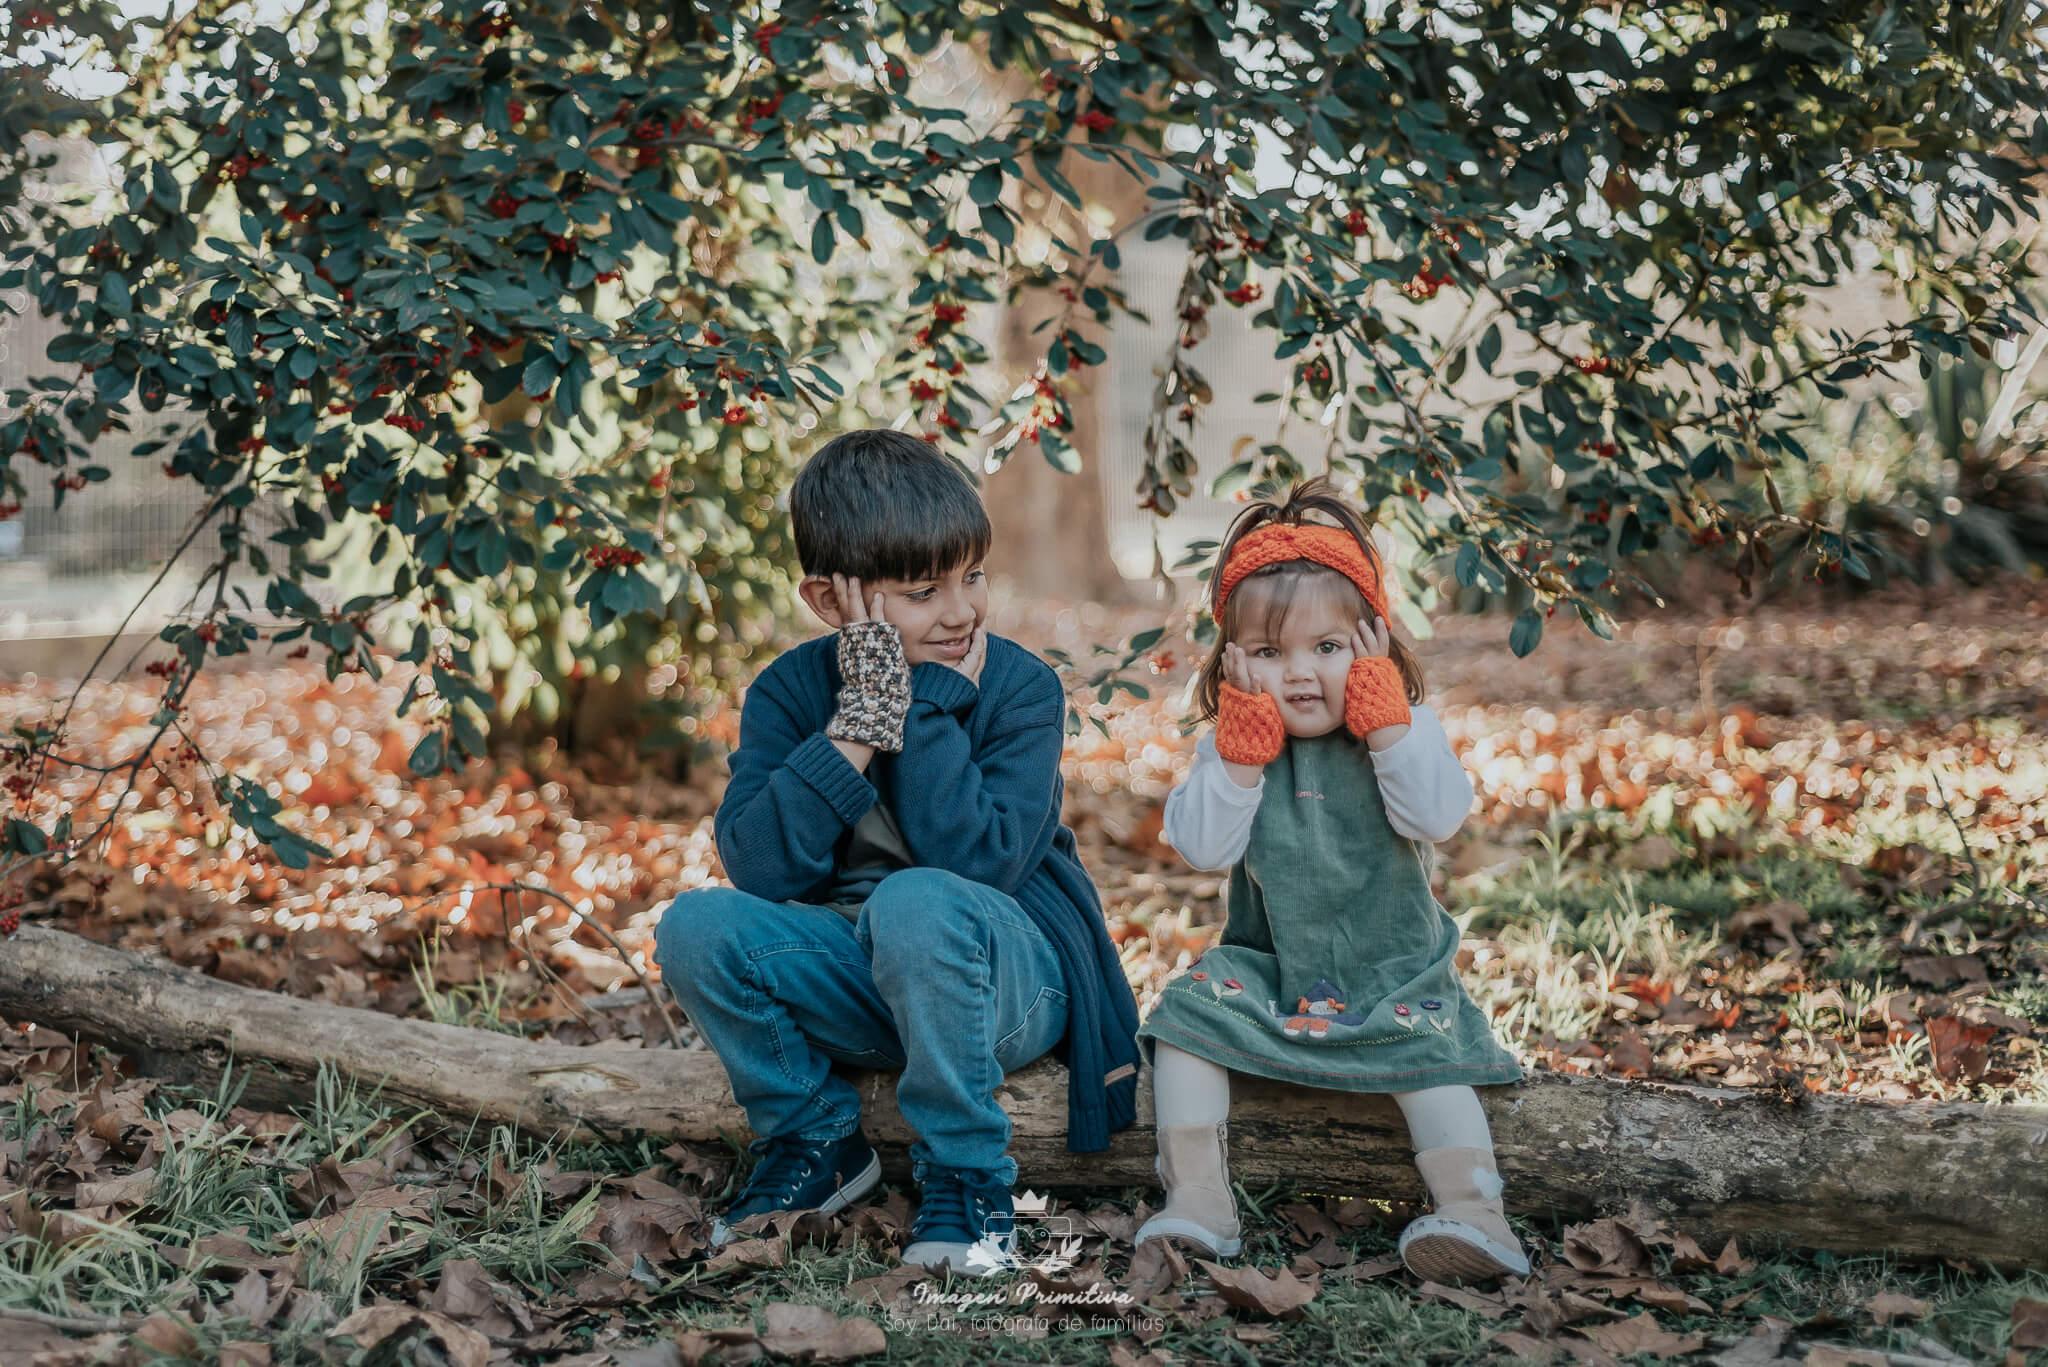 sesion de fotos al aire libre en ranelagh otoño (2)